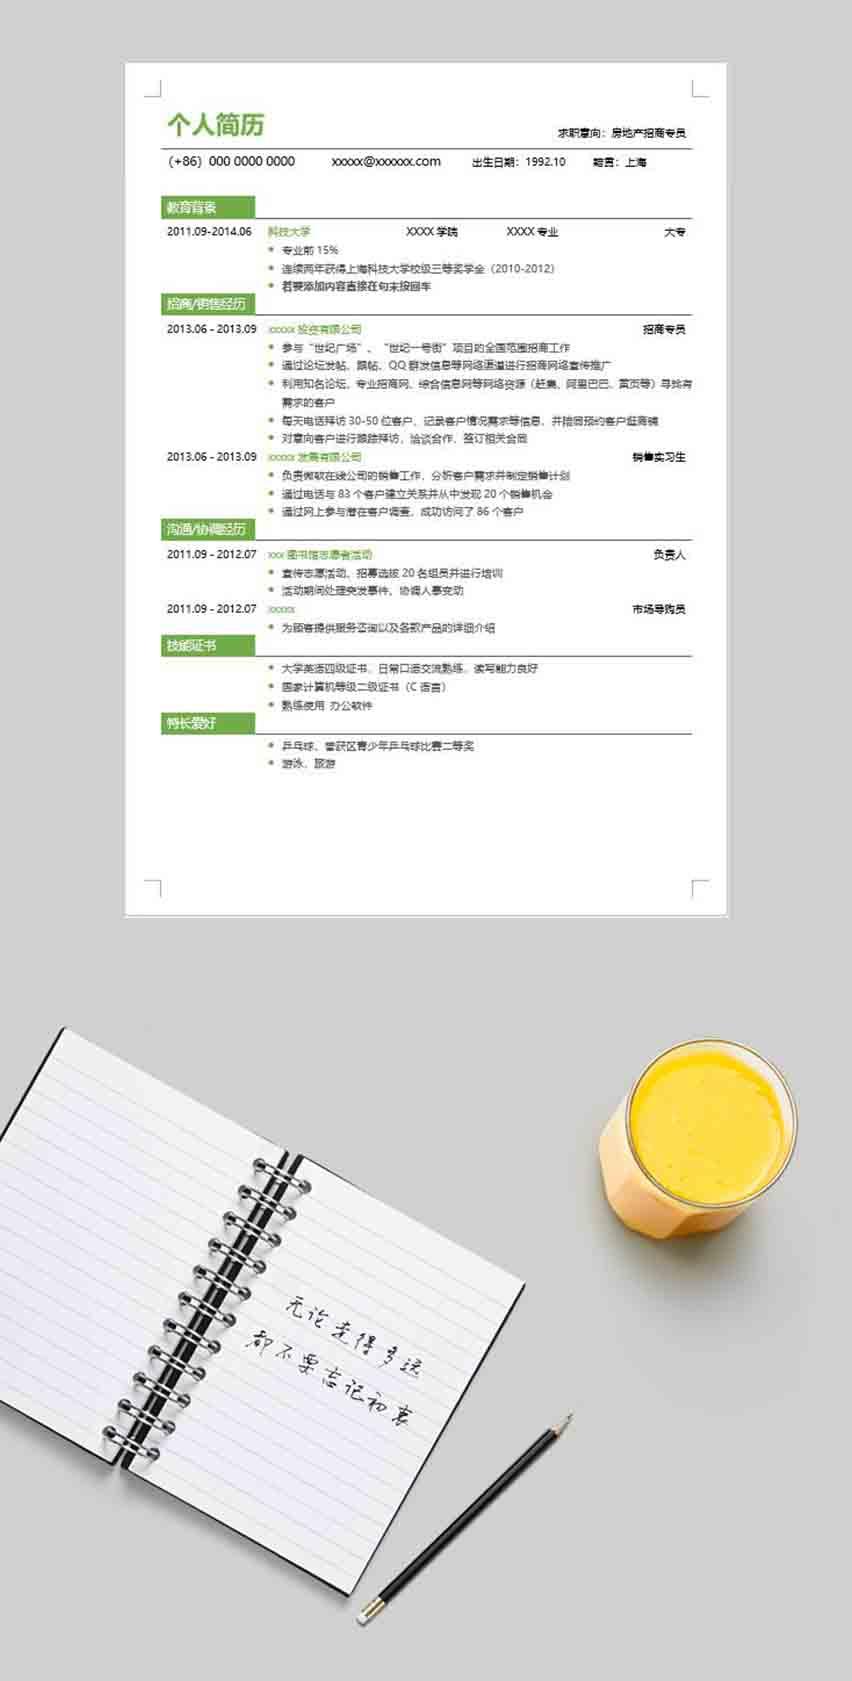 绿色极简简历模板